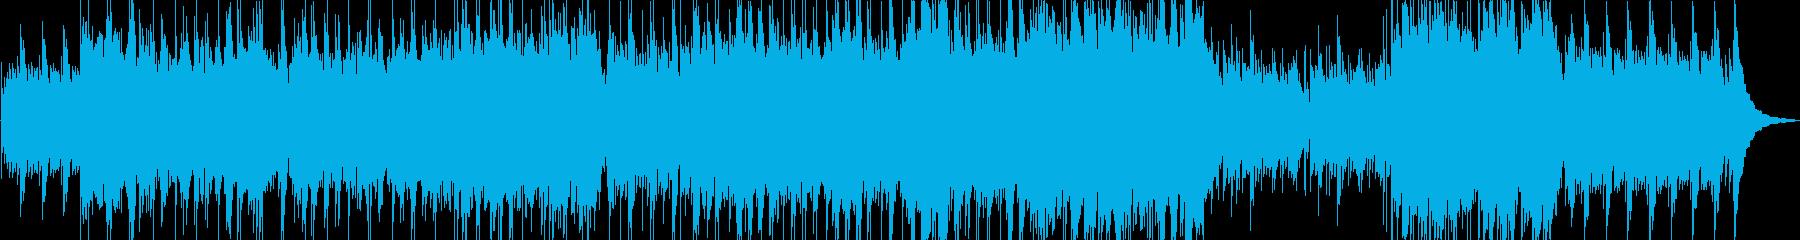 ギターのアルペジオの再生済みの波形